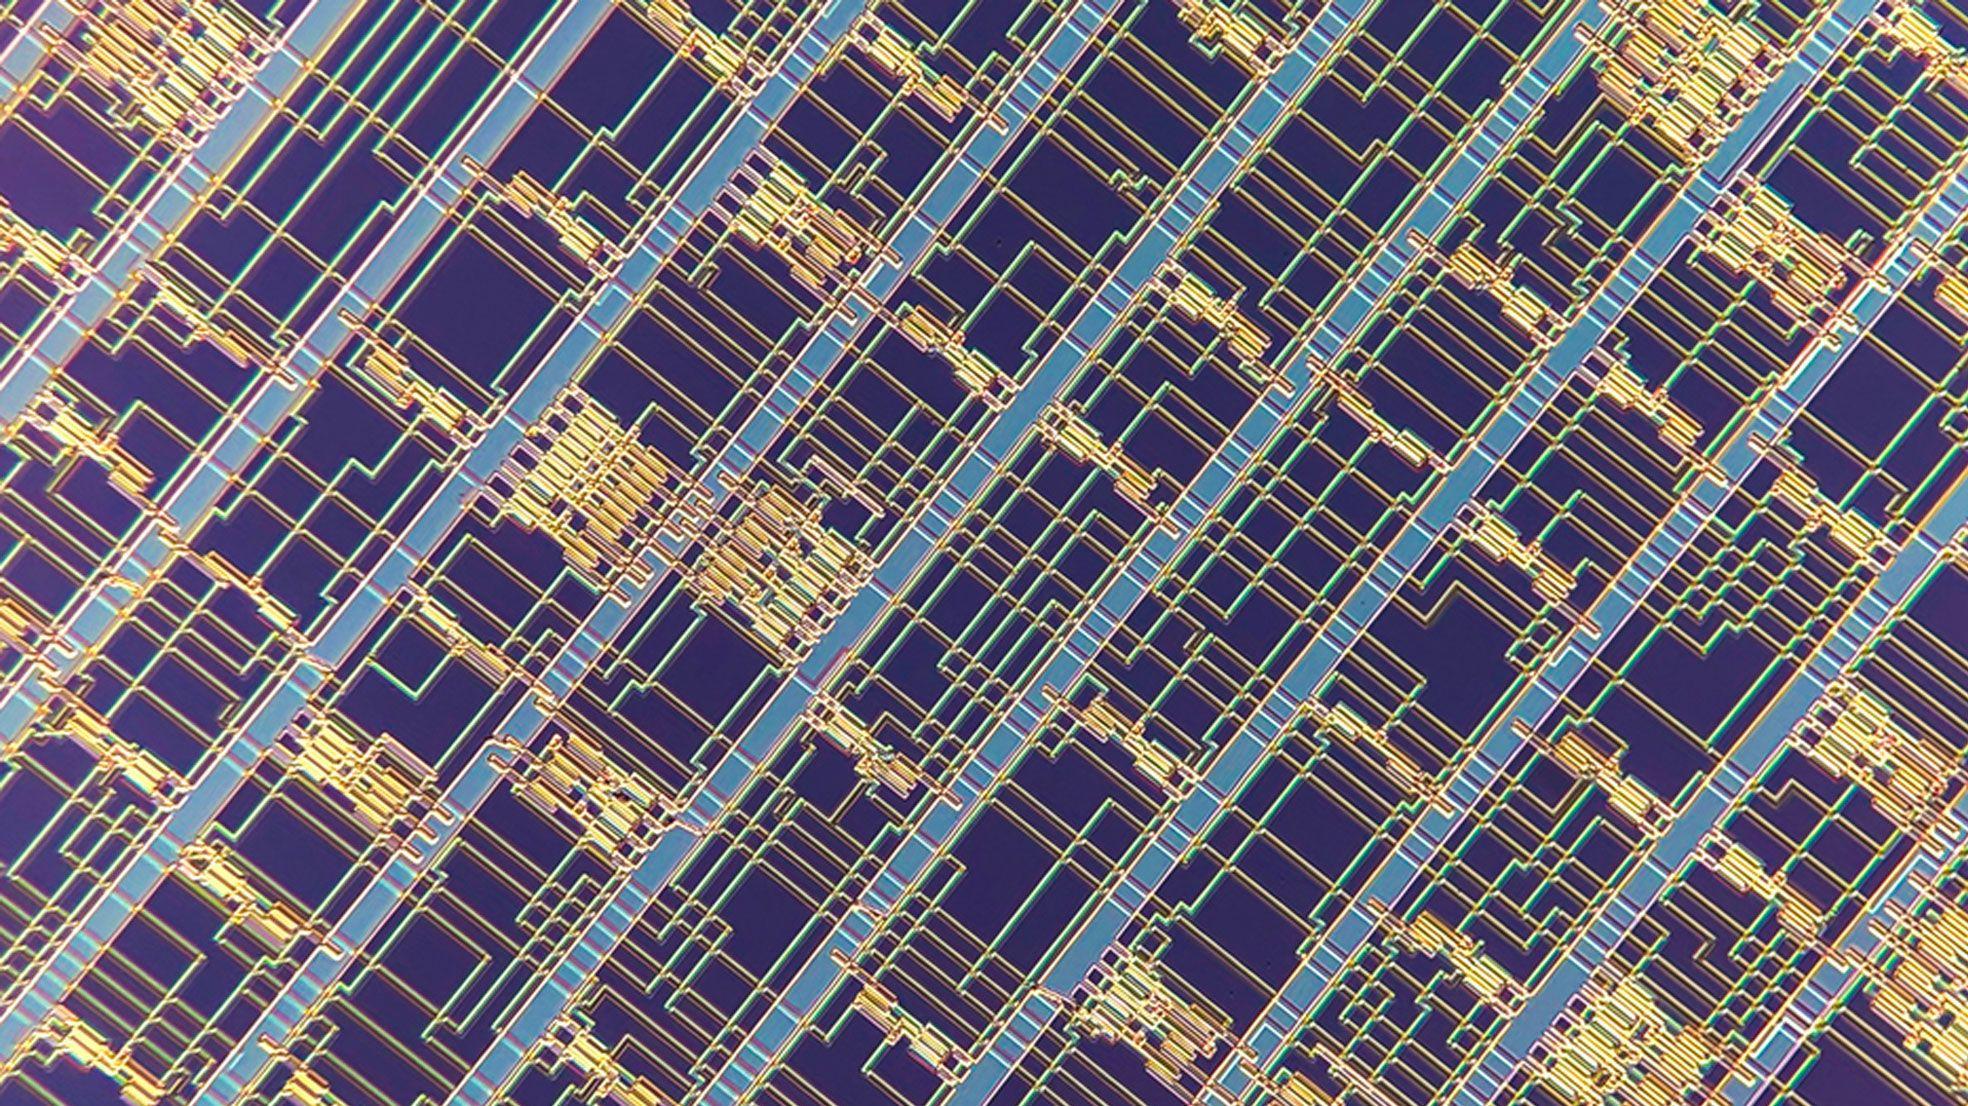 ナノチューブ・チップ実用化へ、MITが16ビットプロセッサー開発